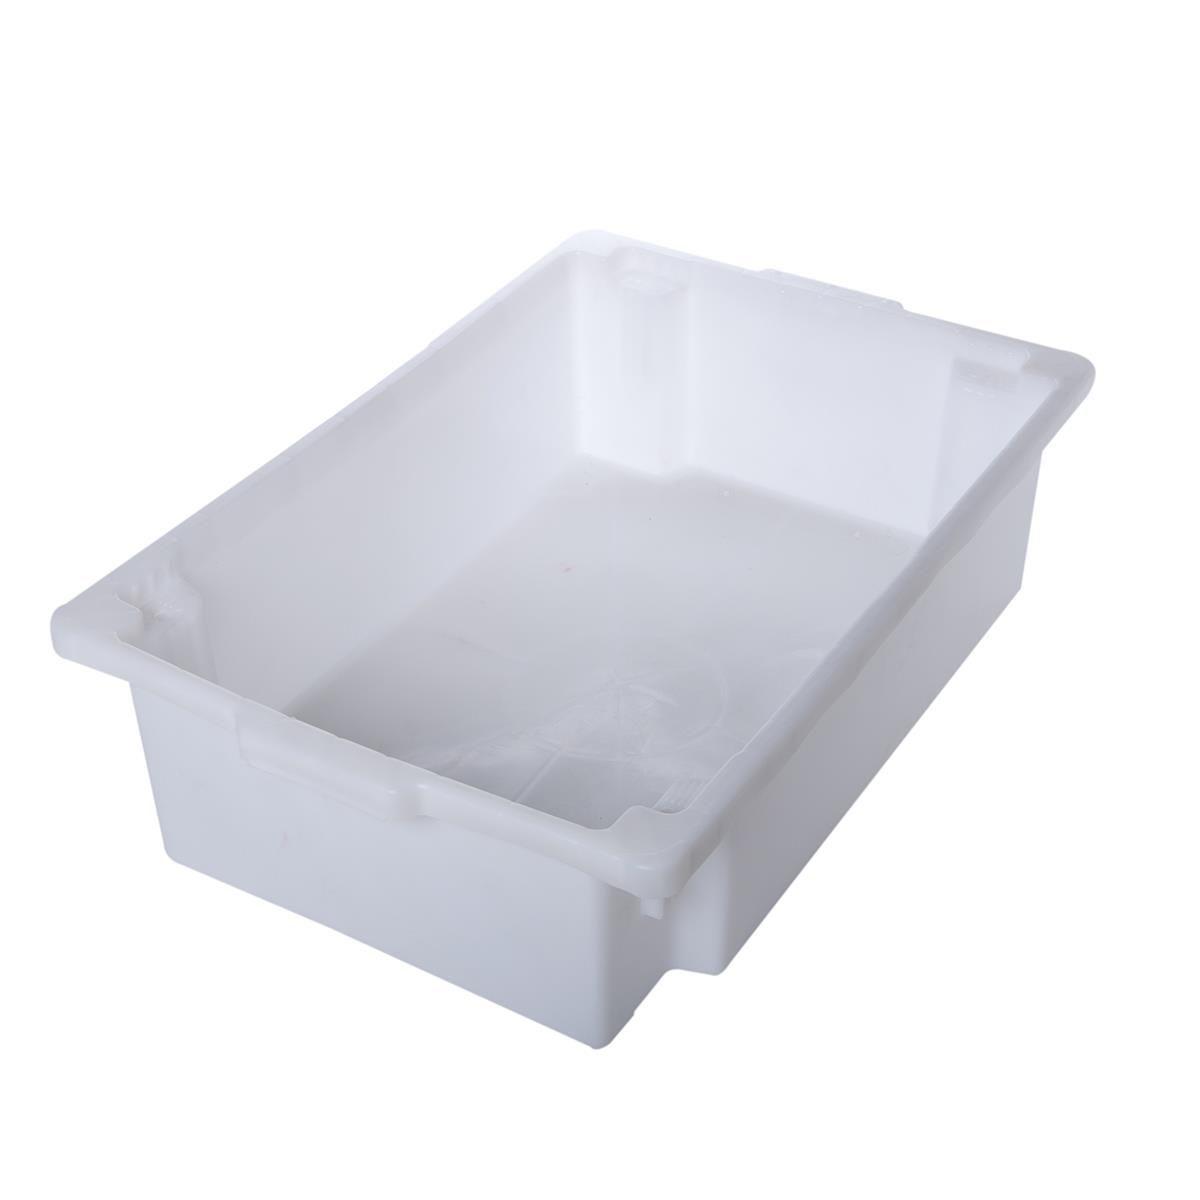 Caixa Organizadora Plástica Reforçada Com Tampa Supercron S-750 Branca 15 Litros